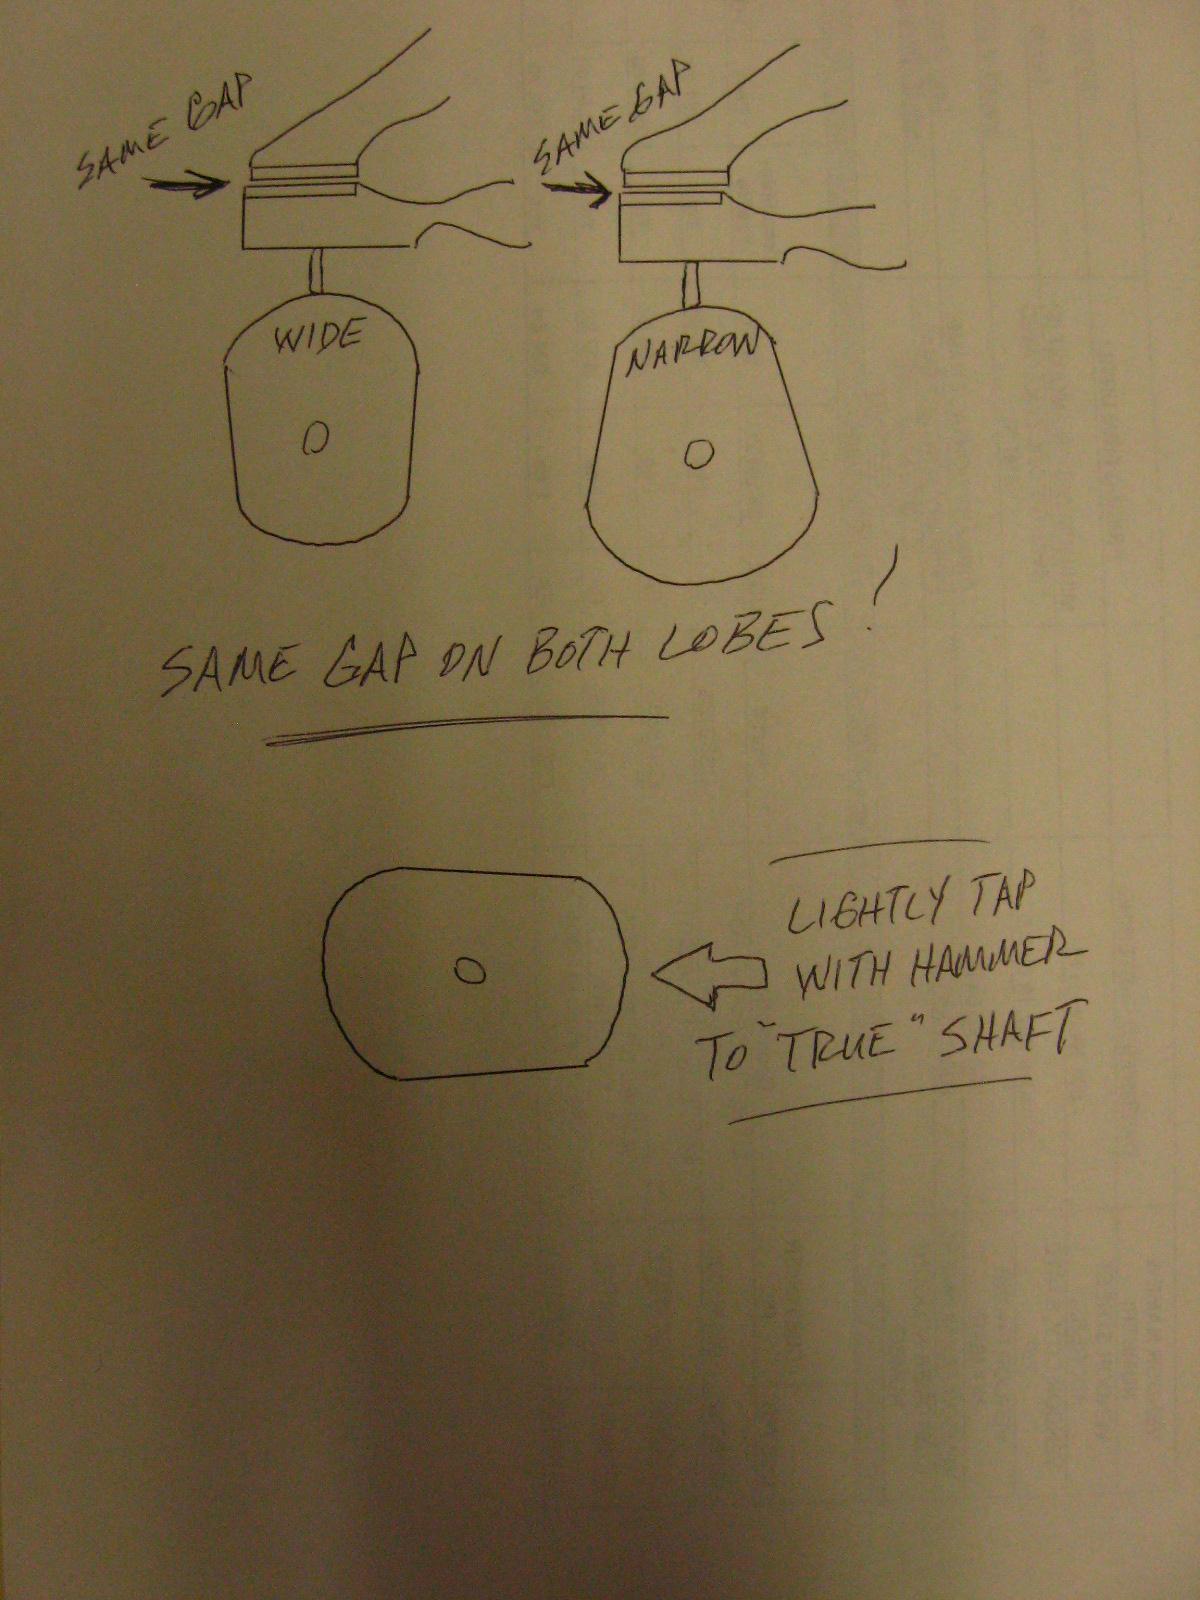 Shovelhead Spark Plug Gap